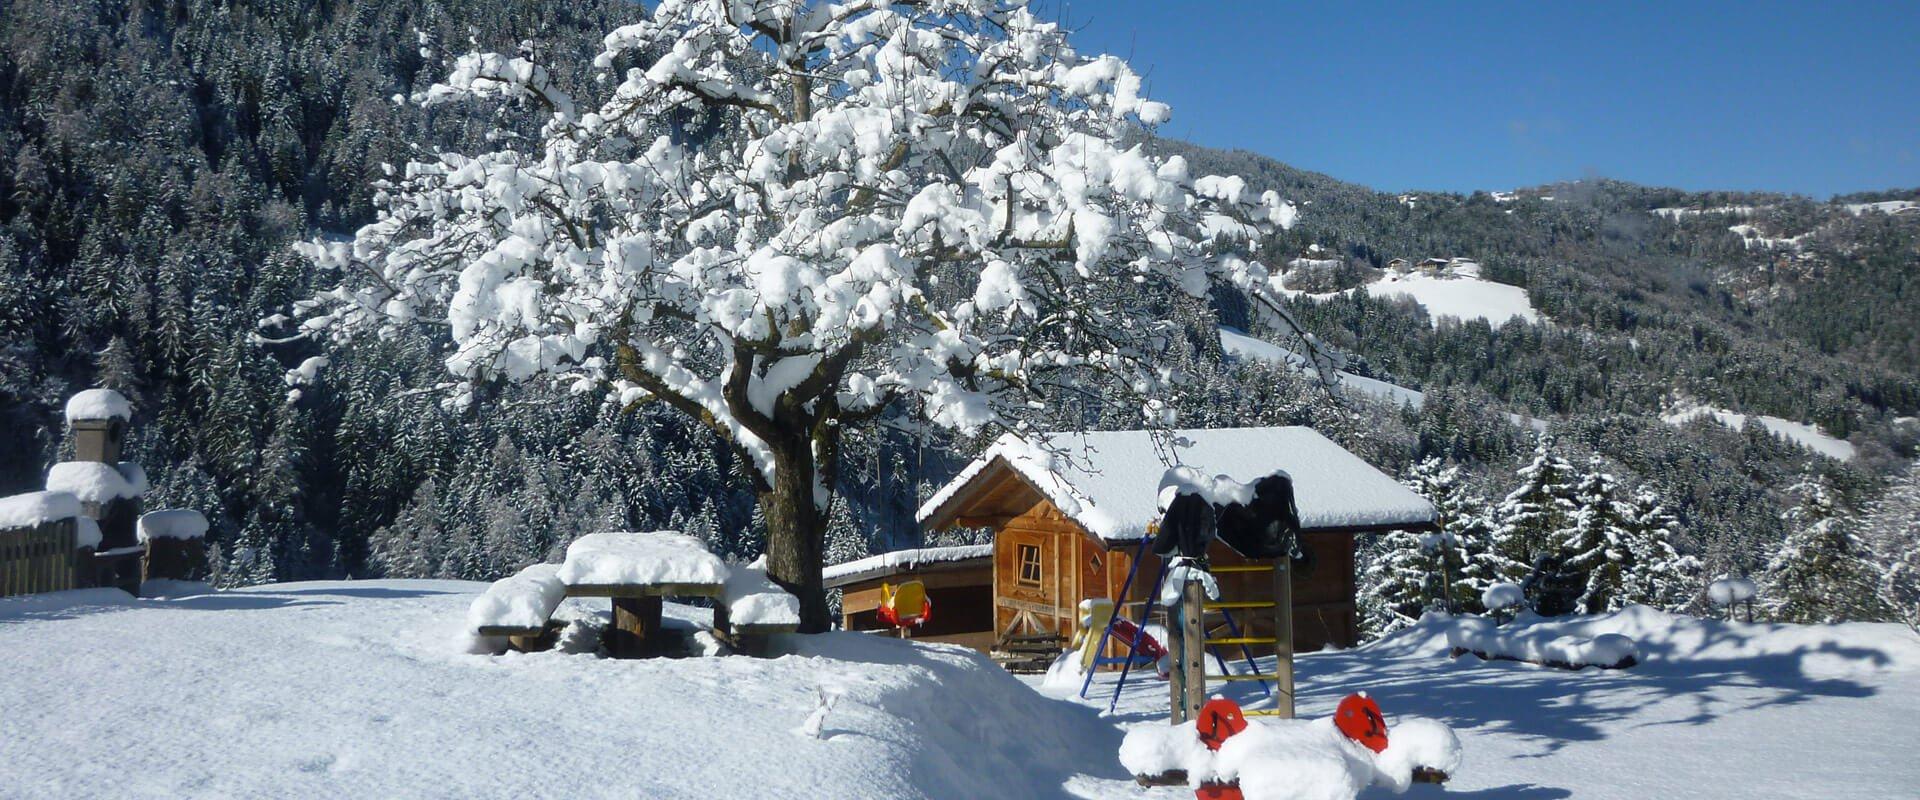 winterurlaub-dolomiten-03